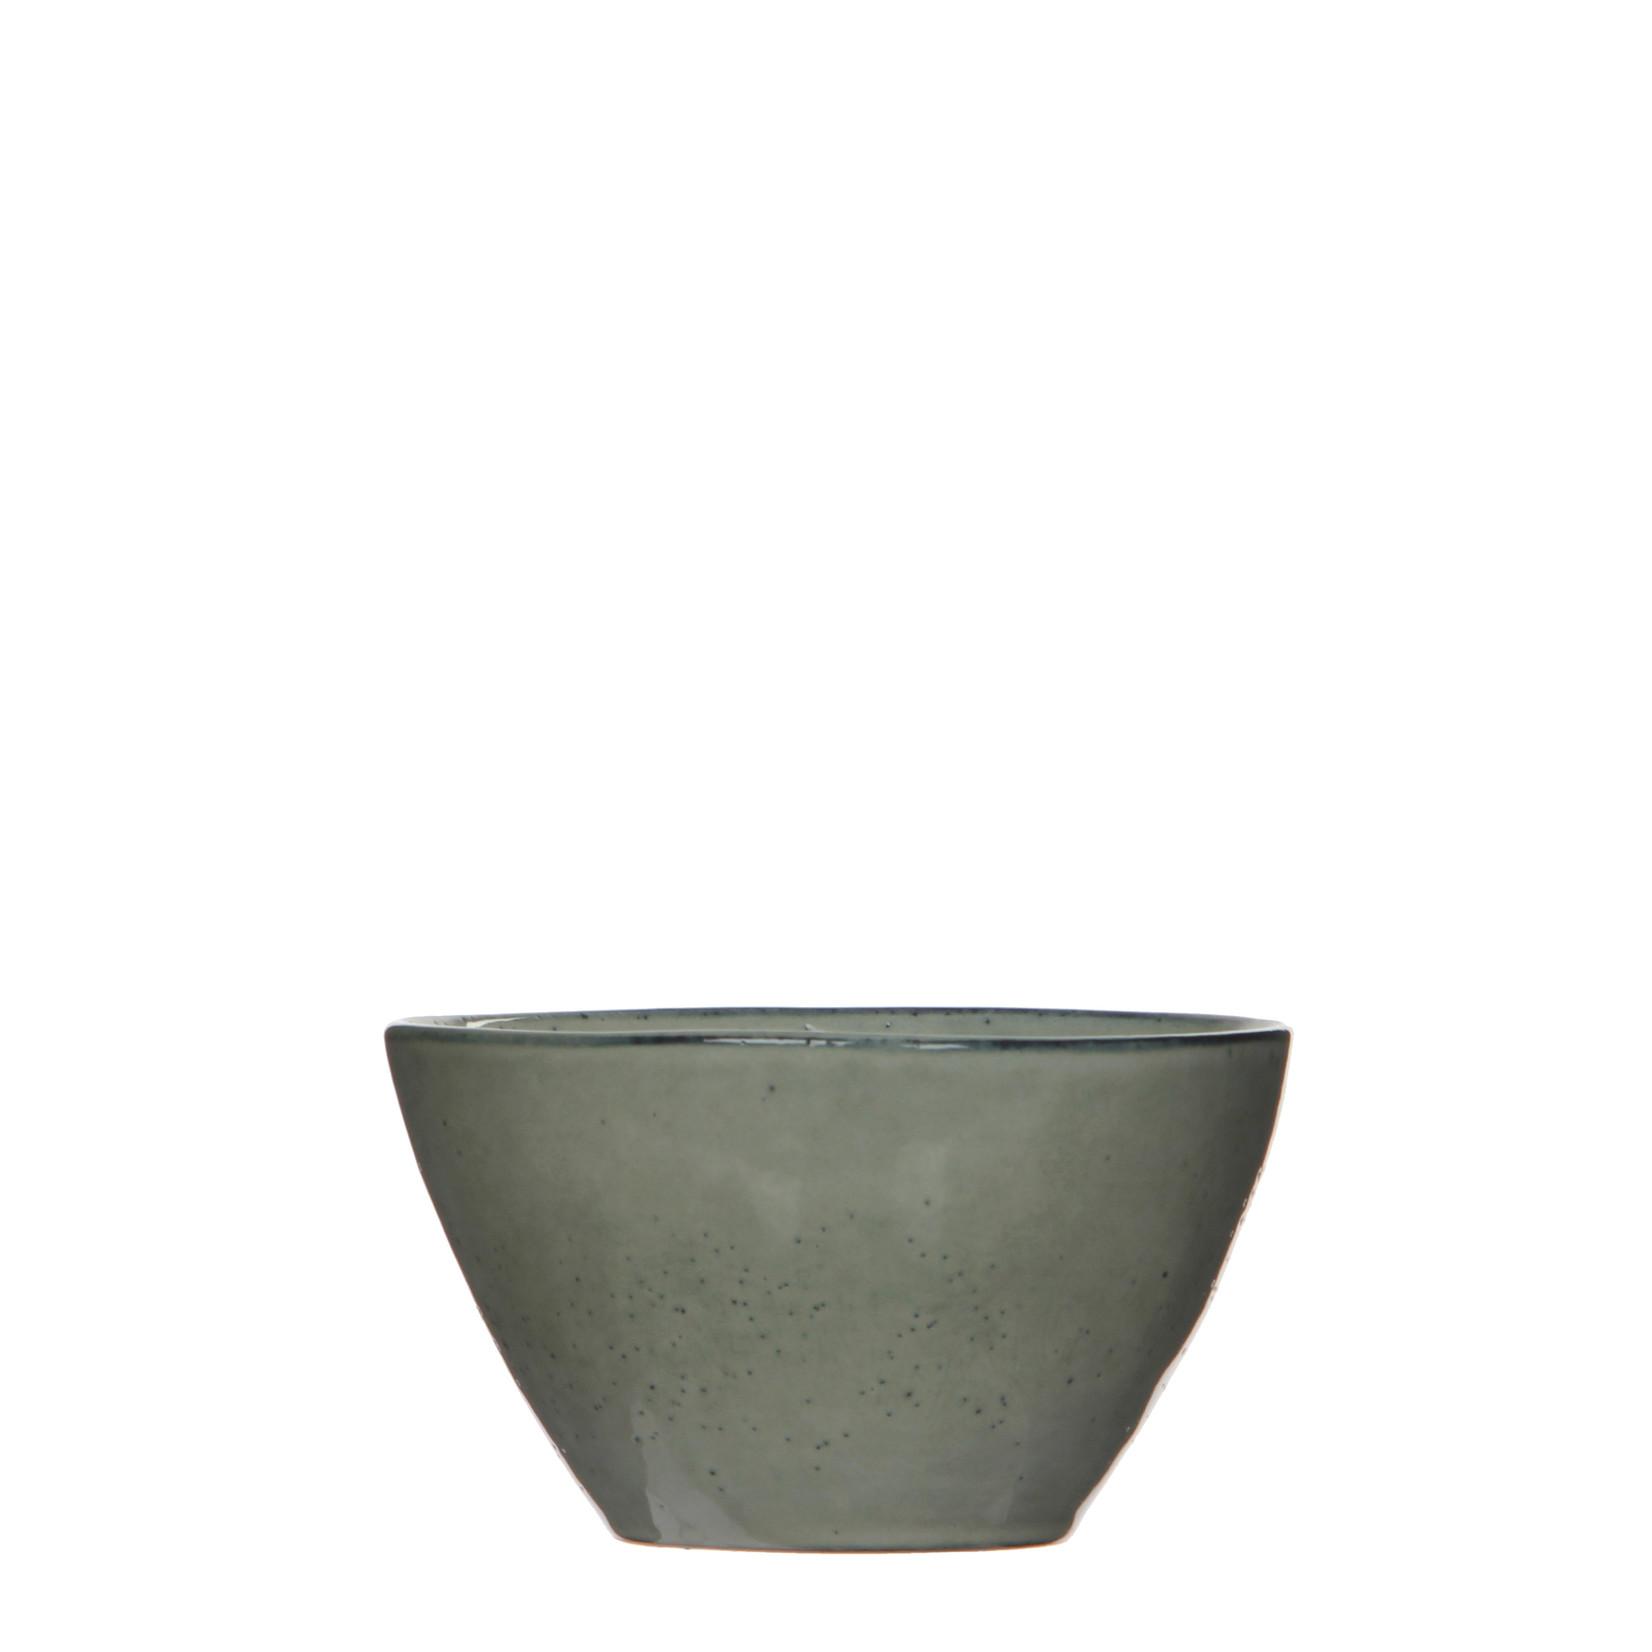 MiCa Tabo bowl